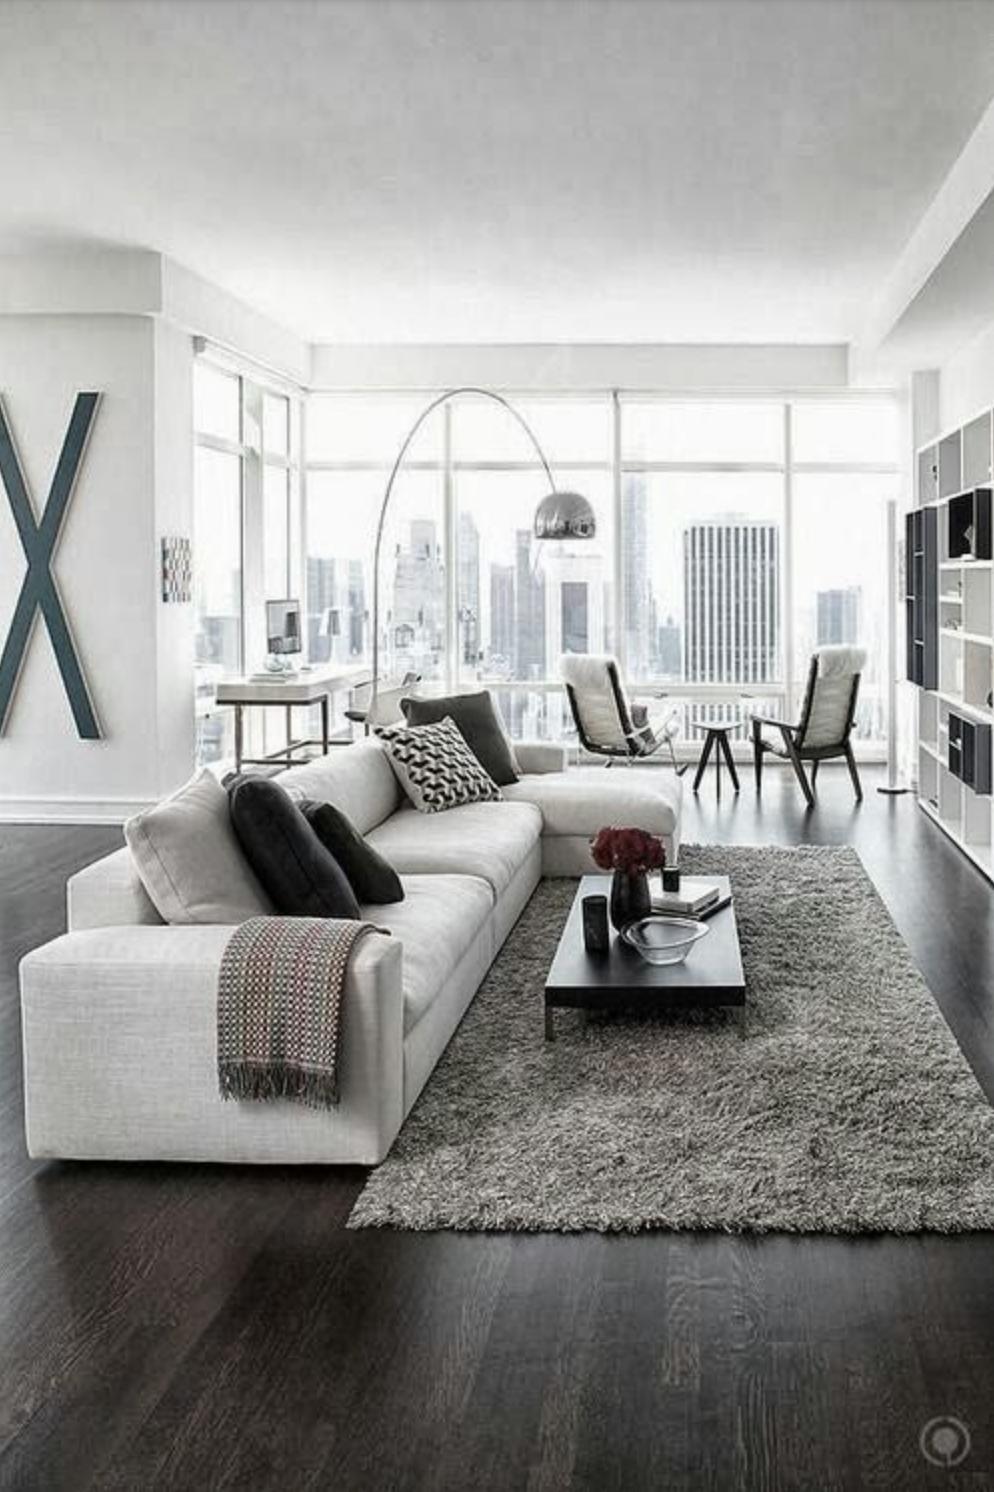 15 Modern Living Room Ideas (2) interior design tips 10 valuable Interior Design Tips to Keep Up With the Trends 15 Modern Living Room Ideas